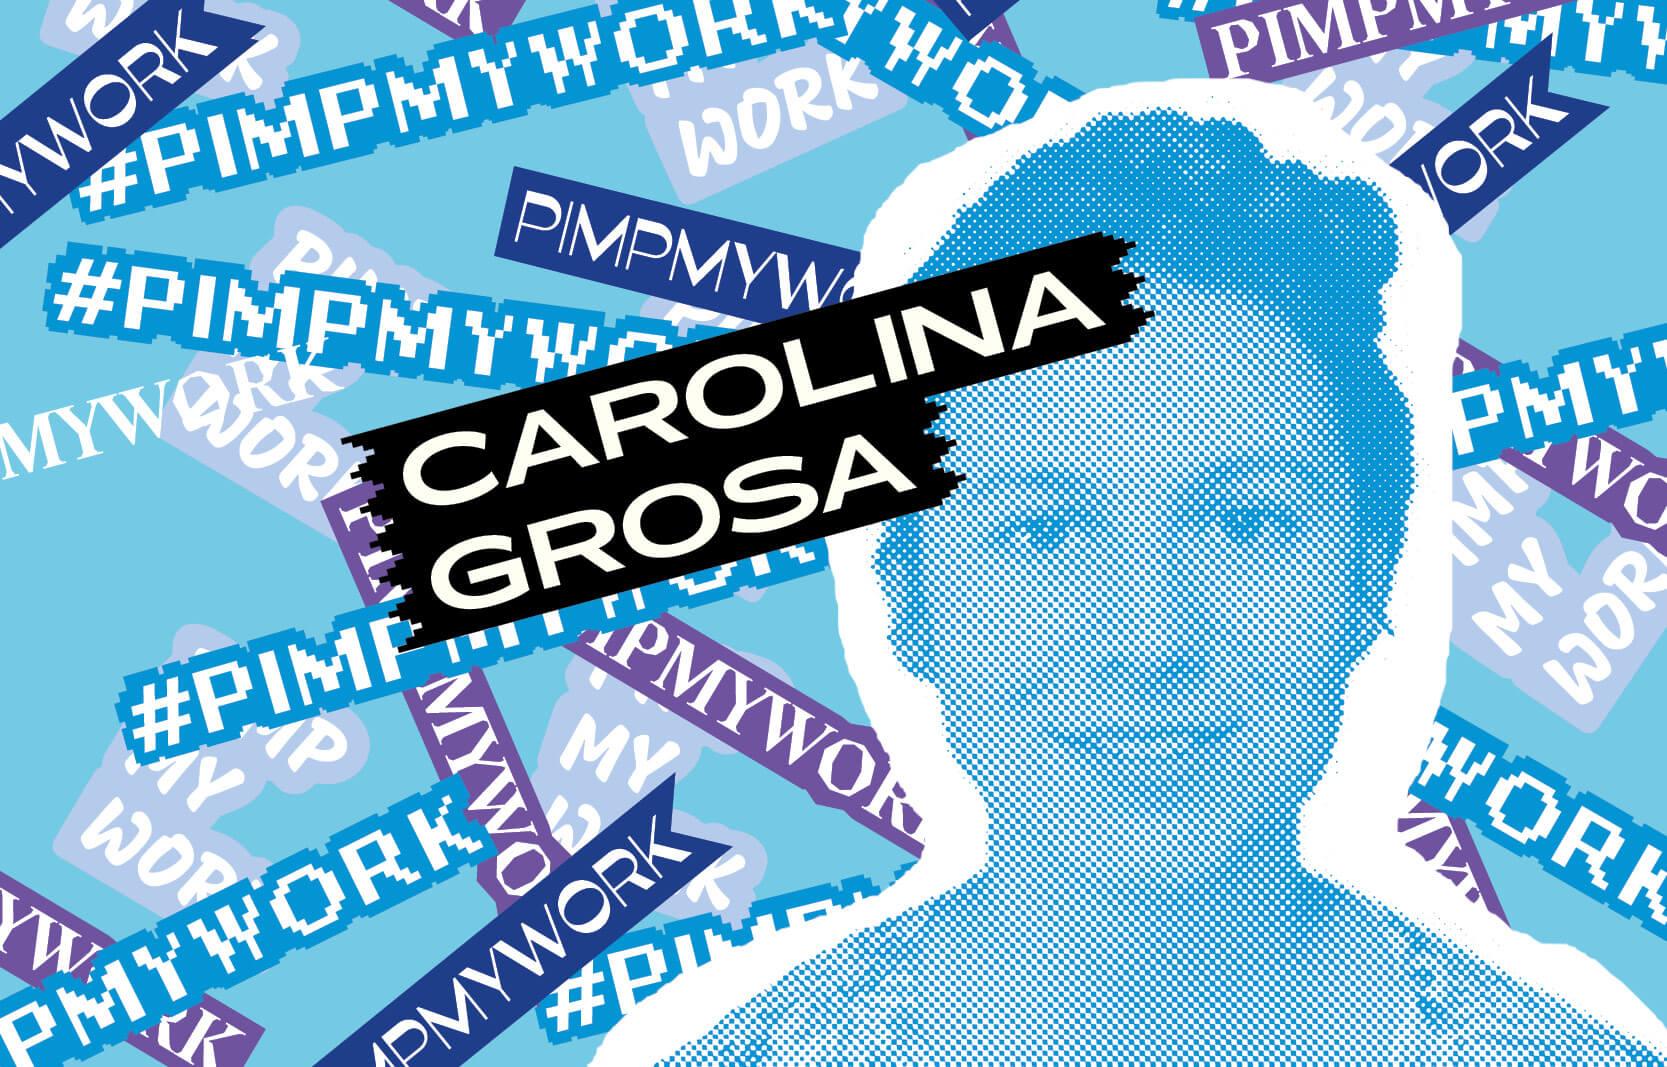 Carolina Grosa